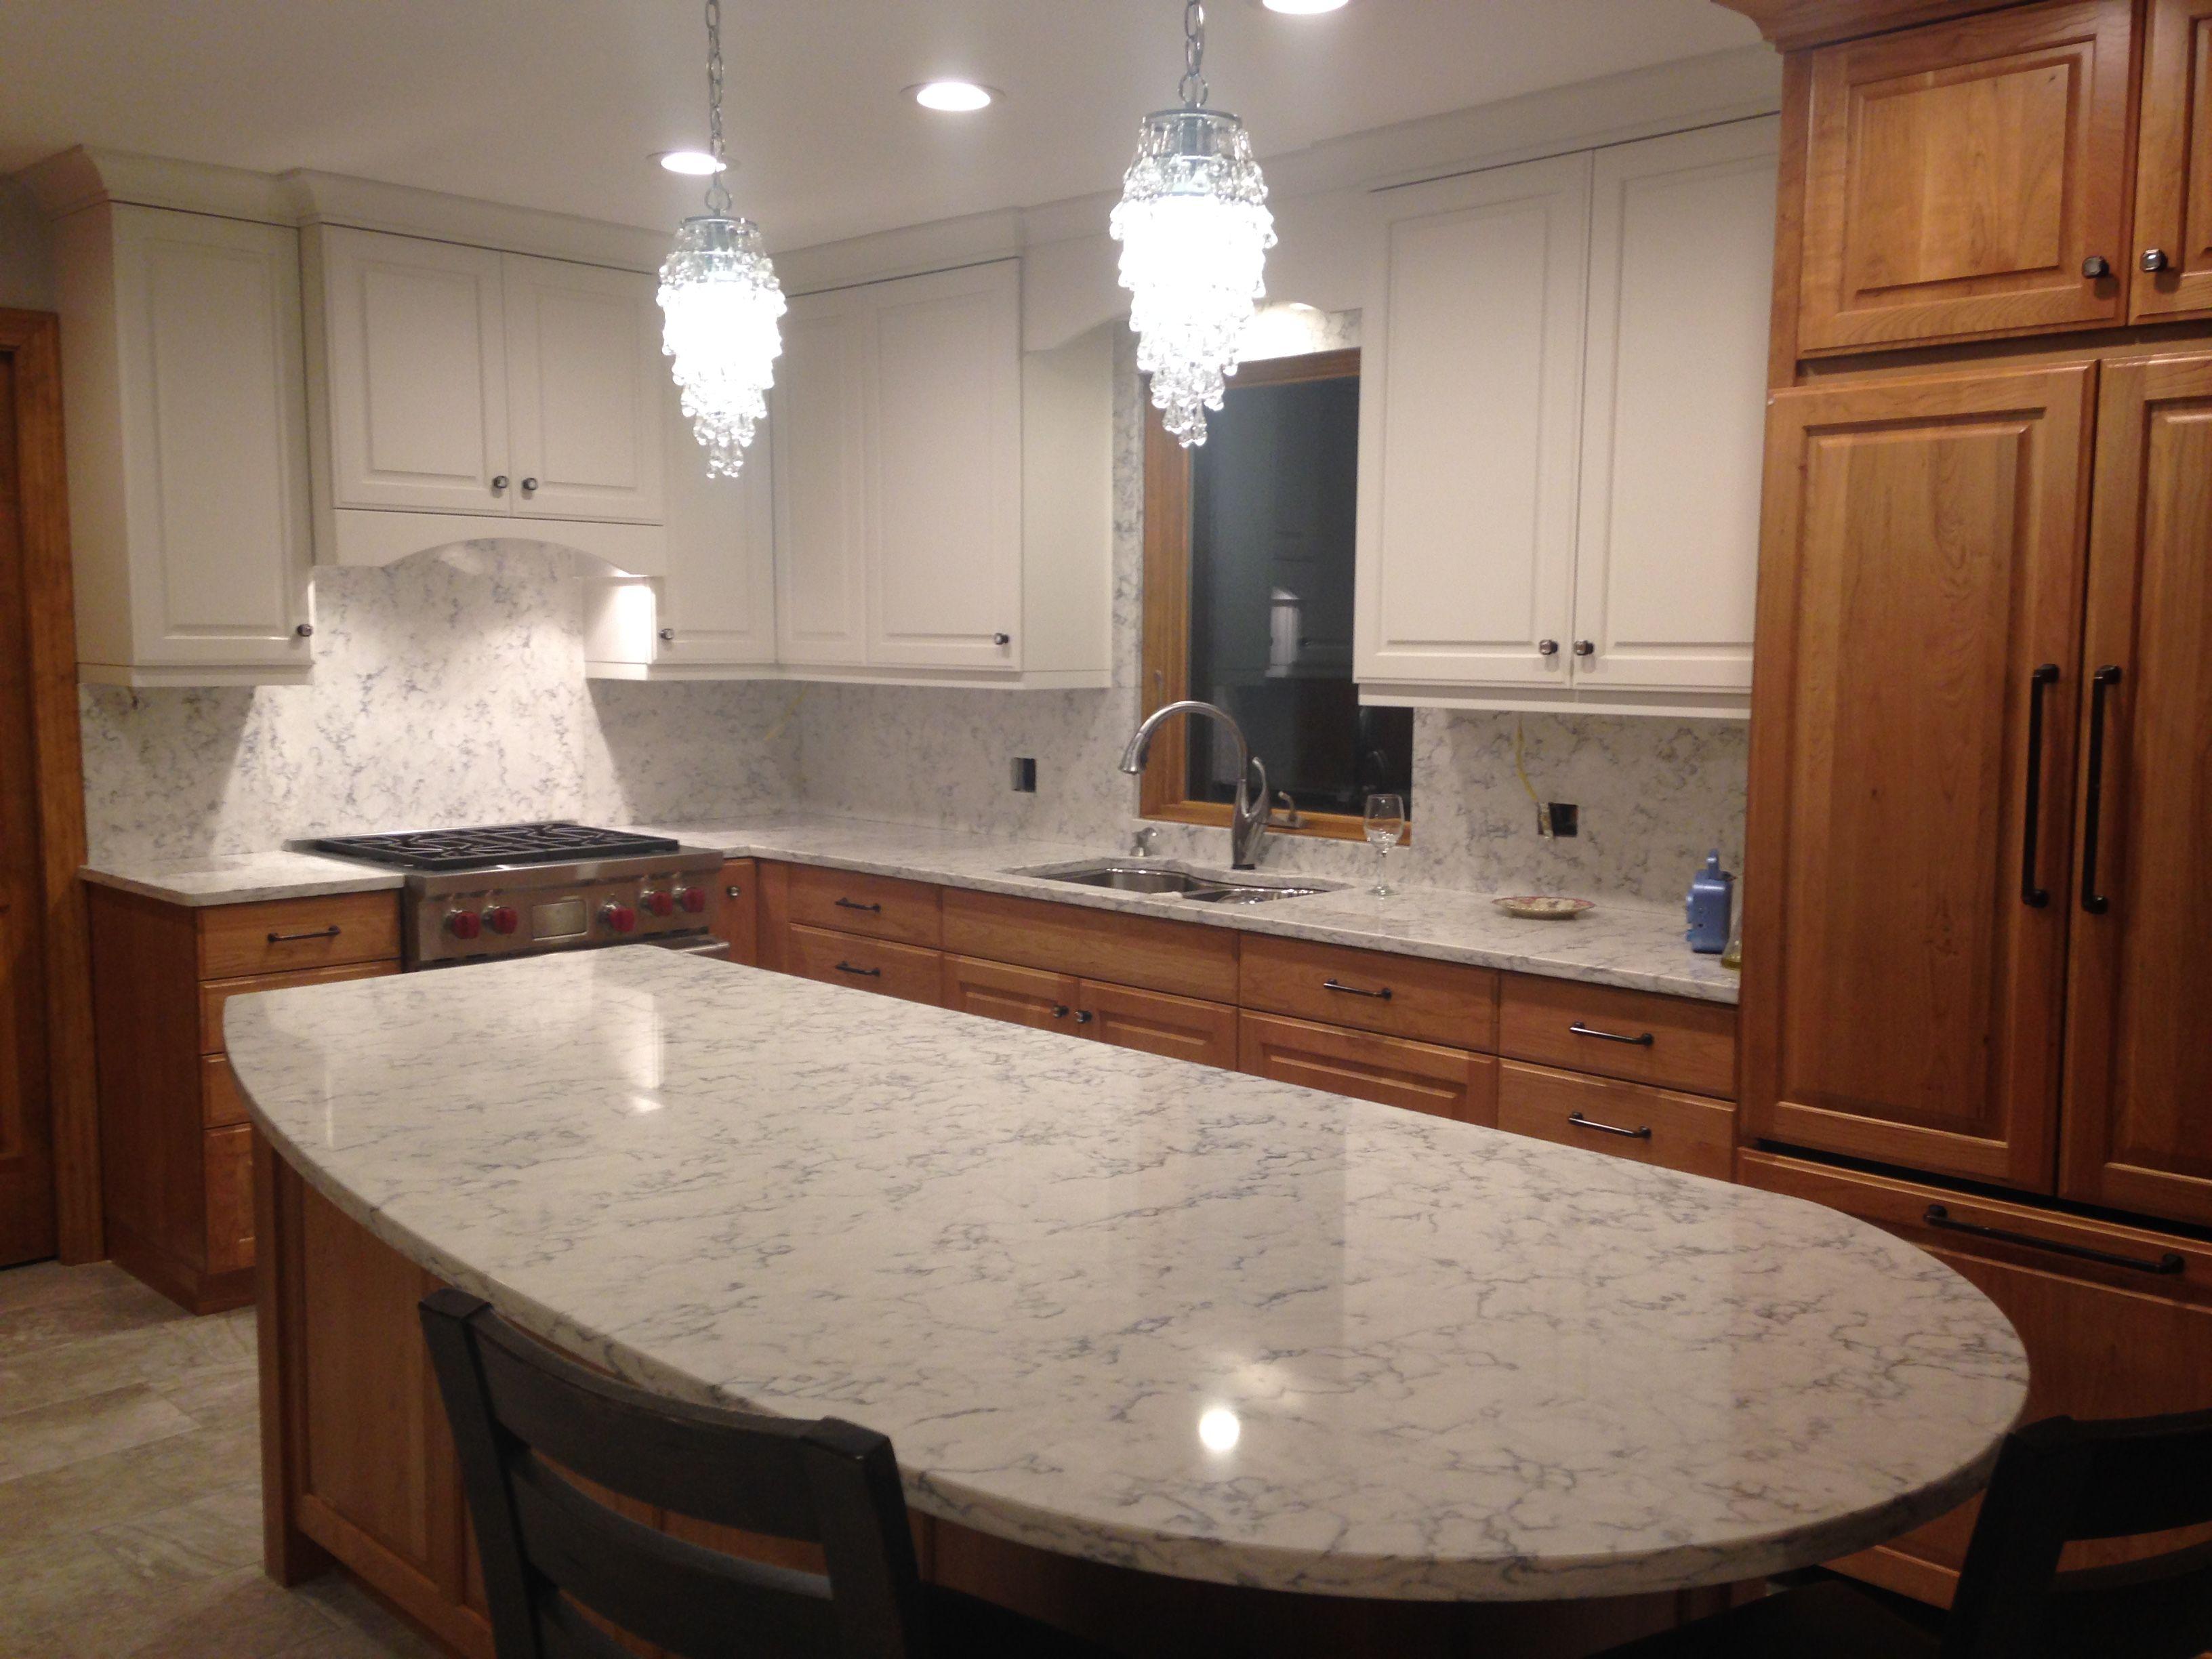 Delighted 12 X 24 Ceramic Tile Big 24 Inch Ceramic Tile Flat 4 Inch Hexagon Floor Tile 8X8 Ceramic Floor Tile Old 9 X 9 Floor Tiles SoftAccent Tiles For Kitchen Backsplash Quartz Backsplash   My Kitchen Re Do! Quartz Backsplash   Kitchen ..